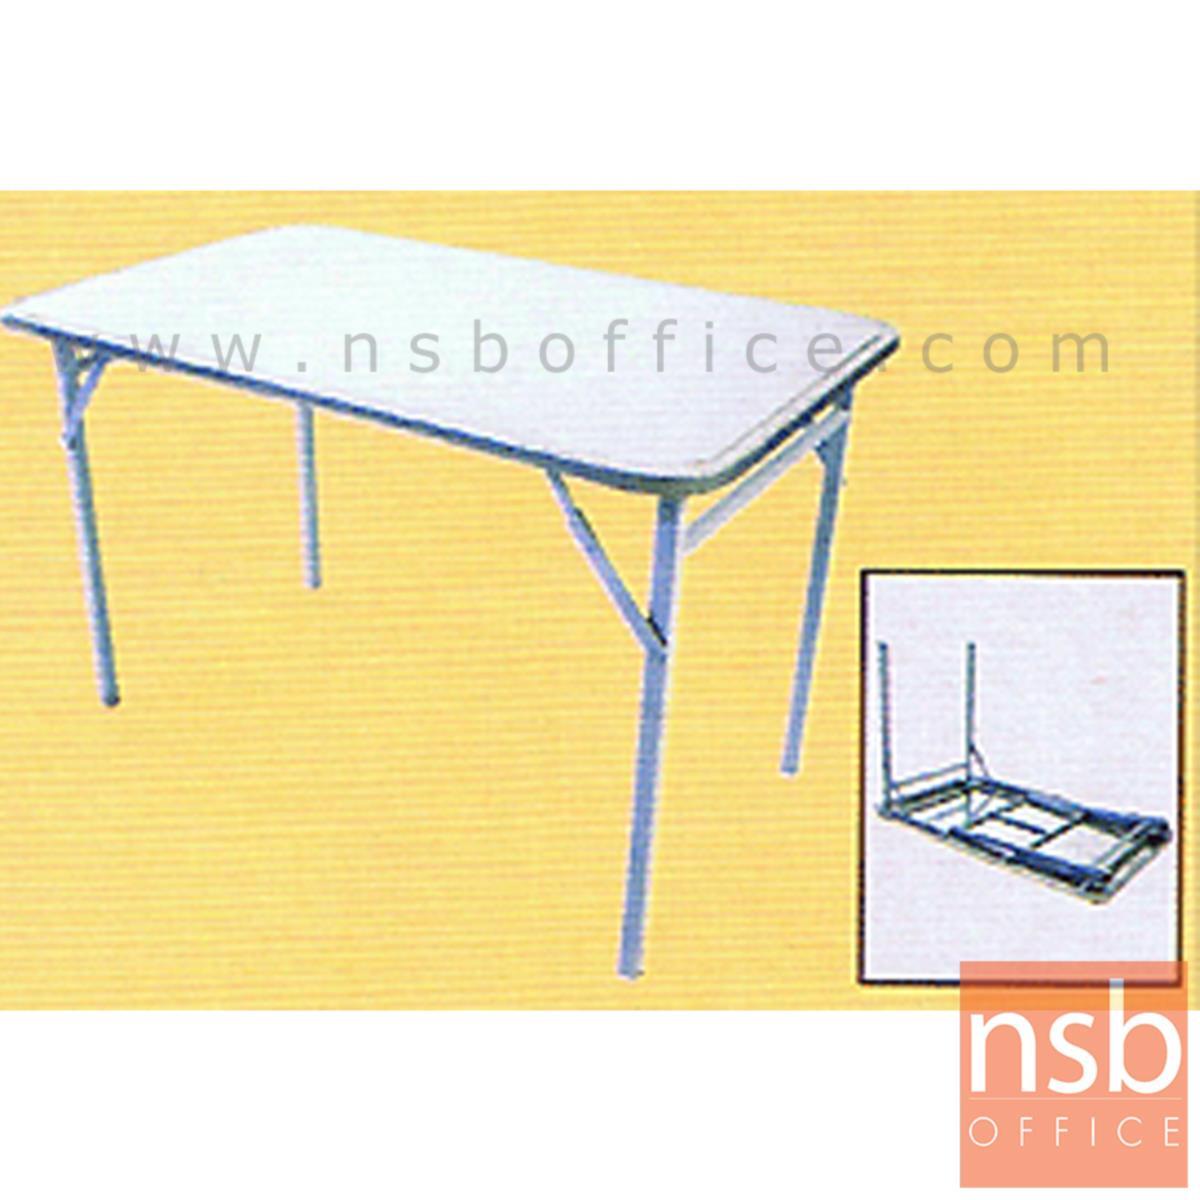 A08A008:โต๊ะพับหน้าสเตนเลส  ขนาด 3.5-4 ฟุต 105W ,116.5 cm.  ขาซ่อน